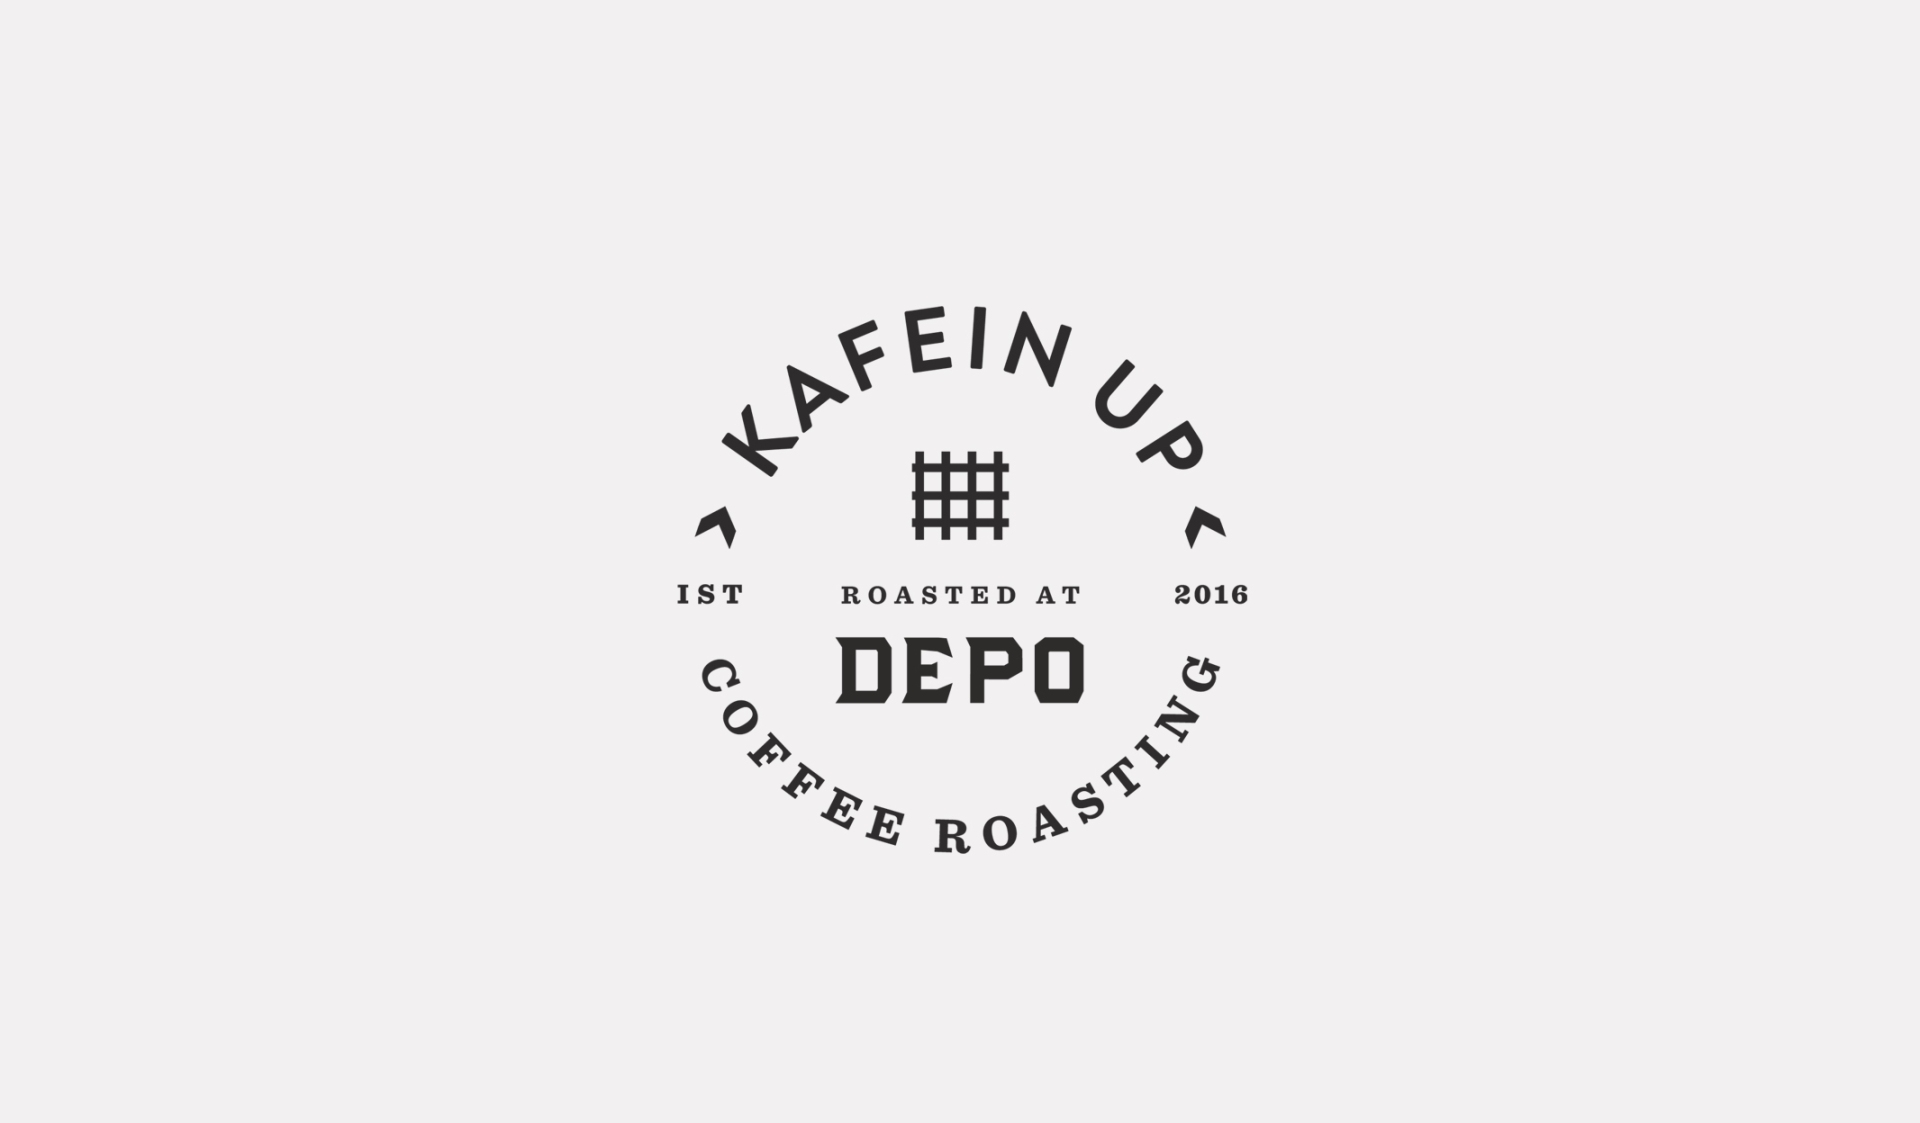 zeki-michael-depo-logo-1